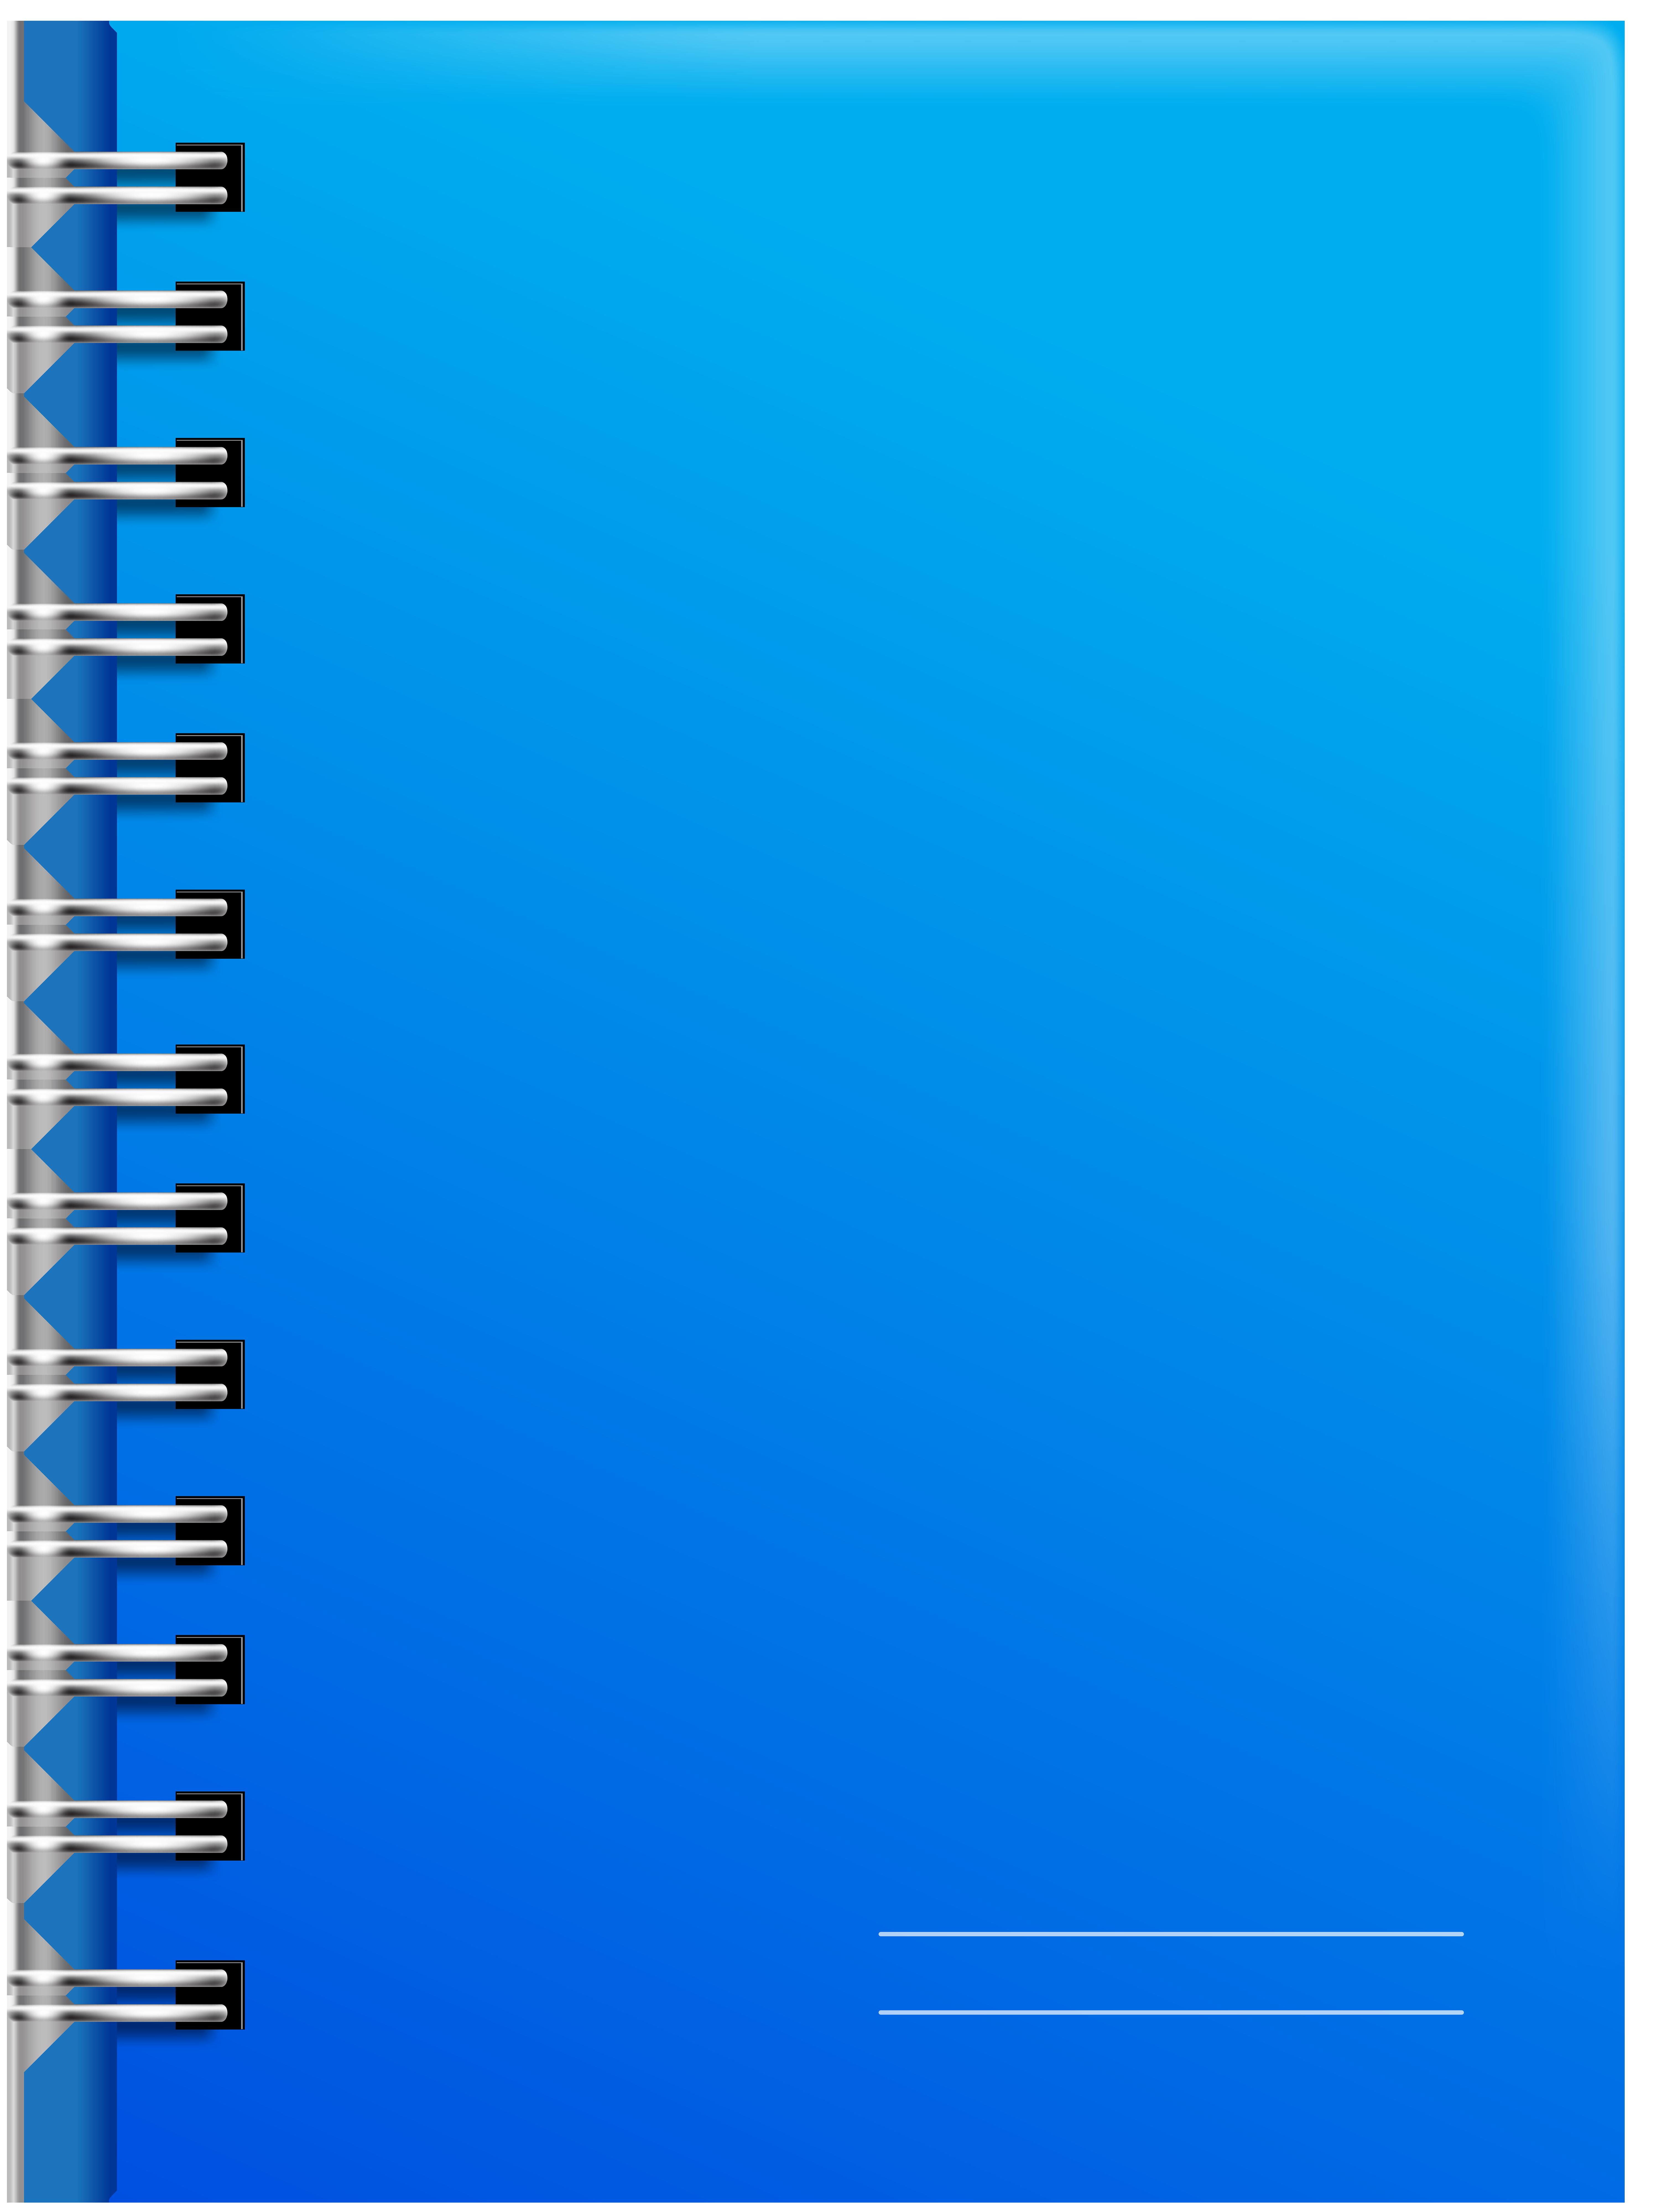 Notebook clipart blue notebook. Spiral png clip art